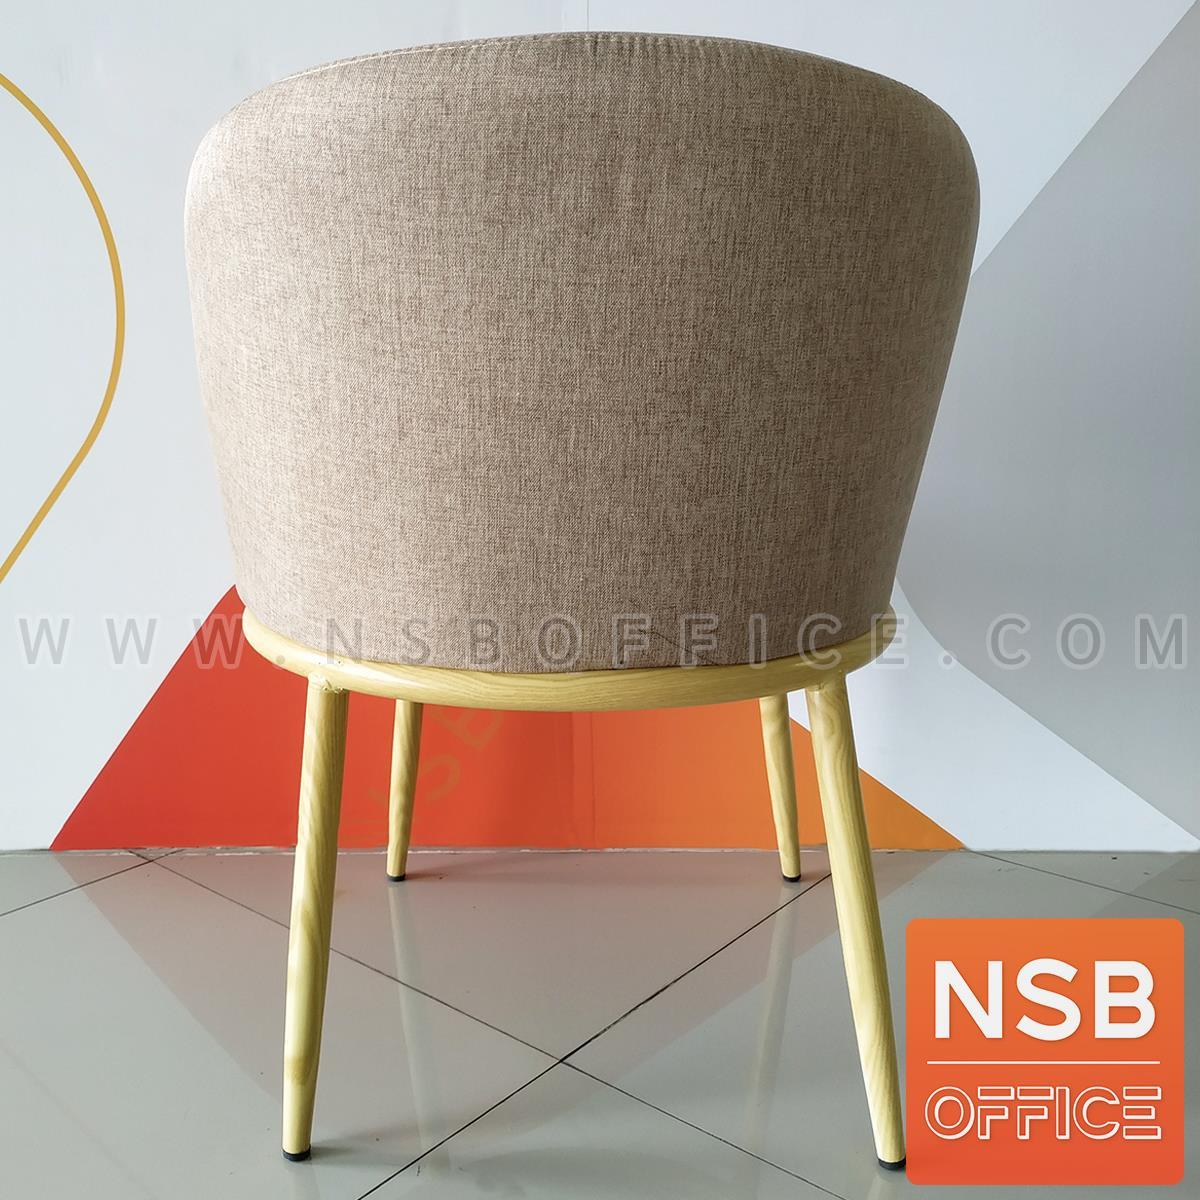 เก้าอี้โมเดิร์นหุ้มผ้า รุ่น fabbrick (แฟ็บบริค)  ขาไม้